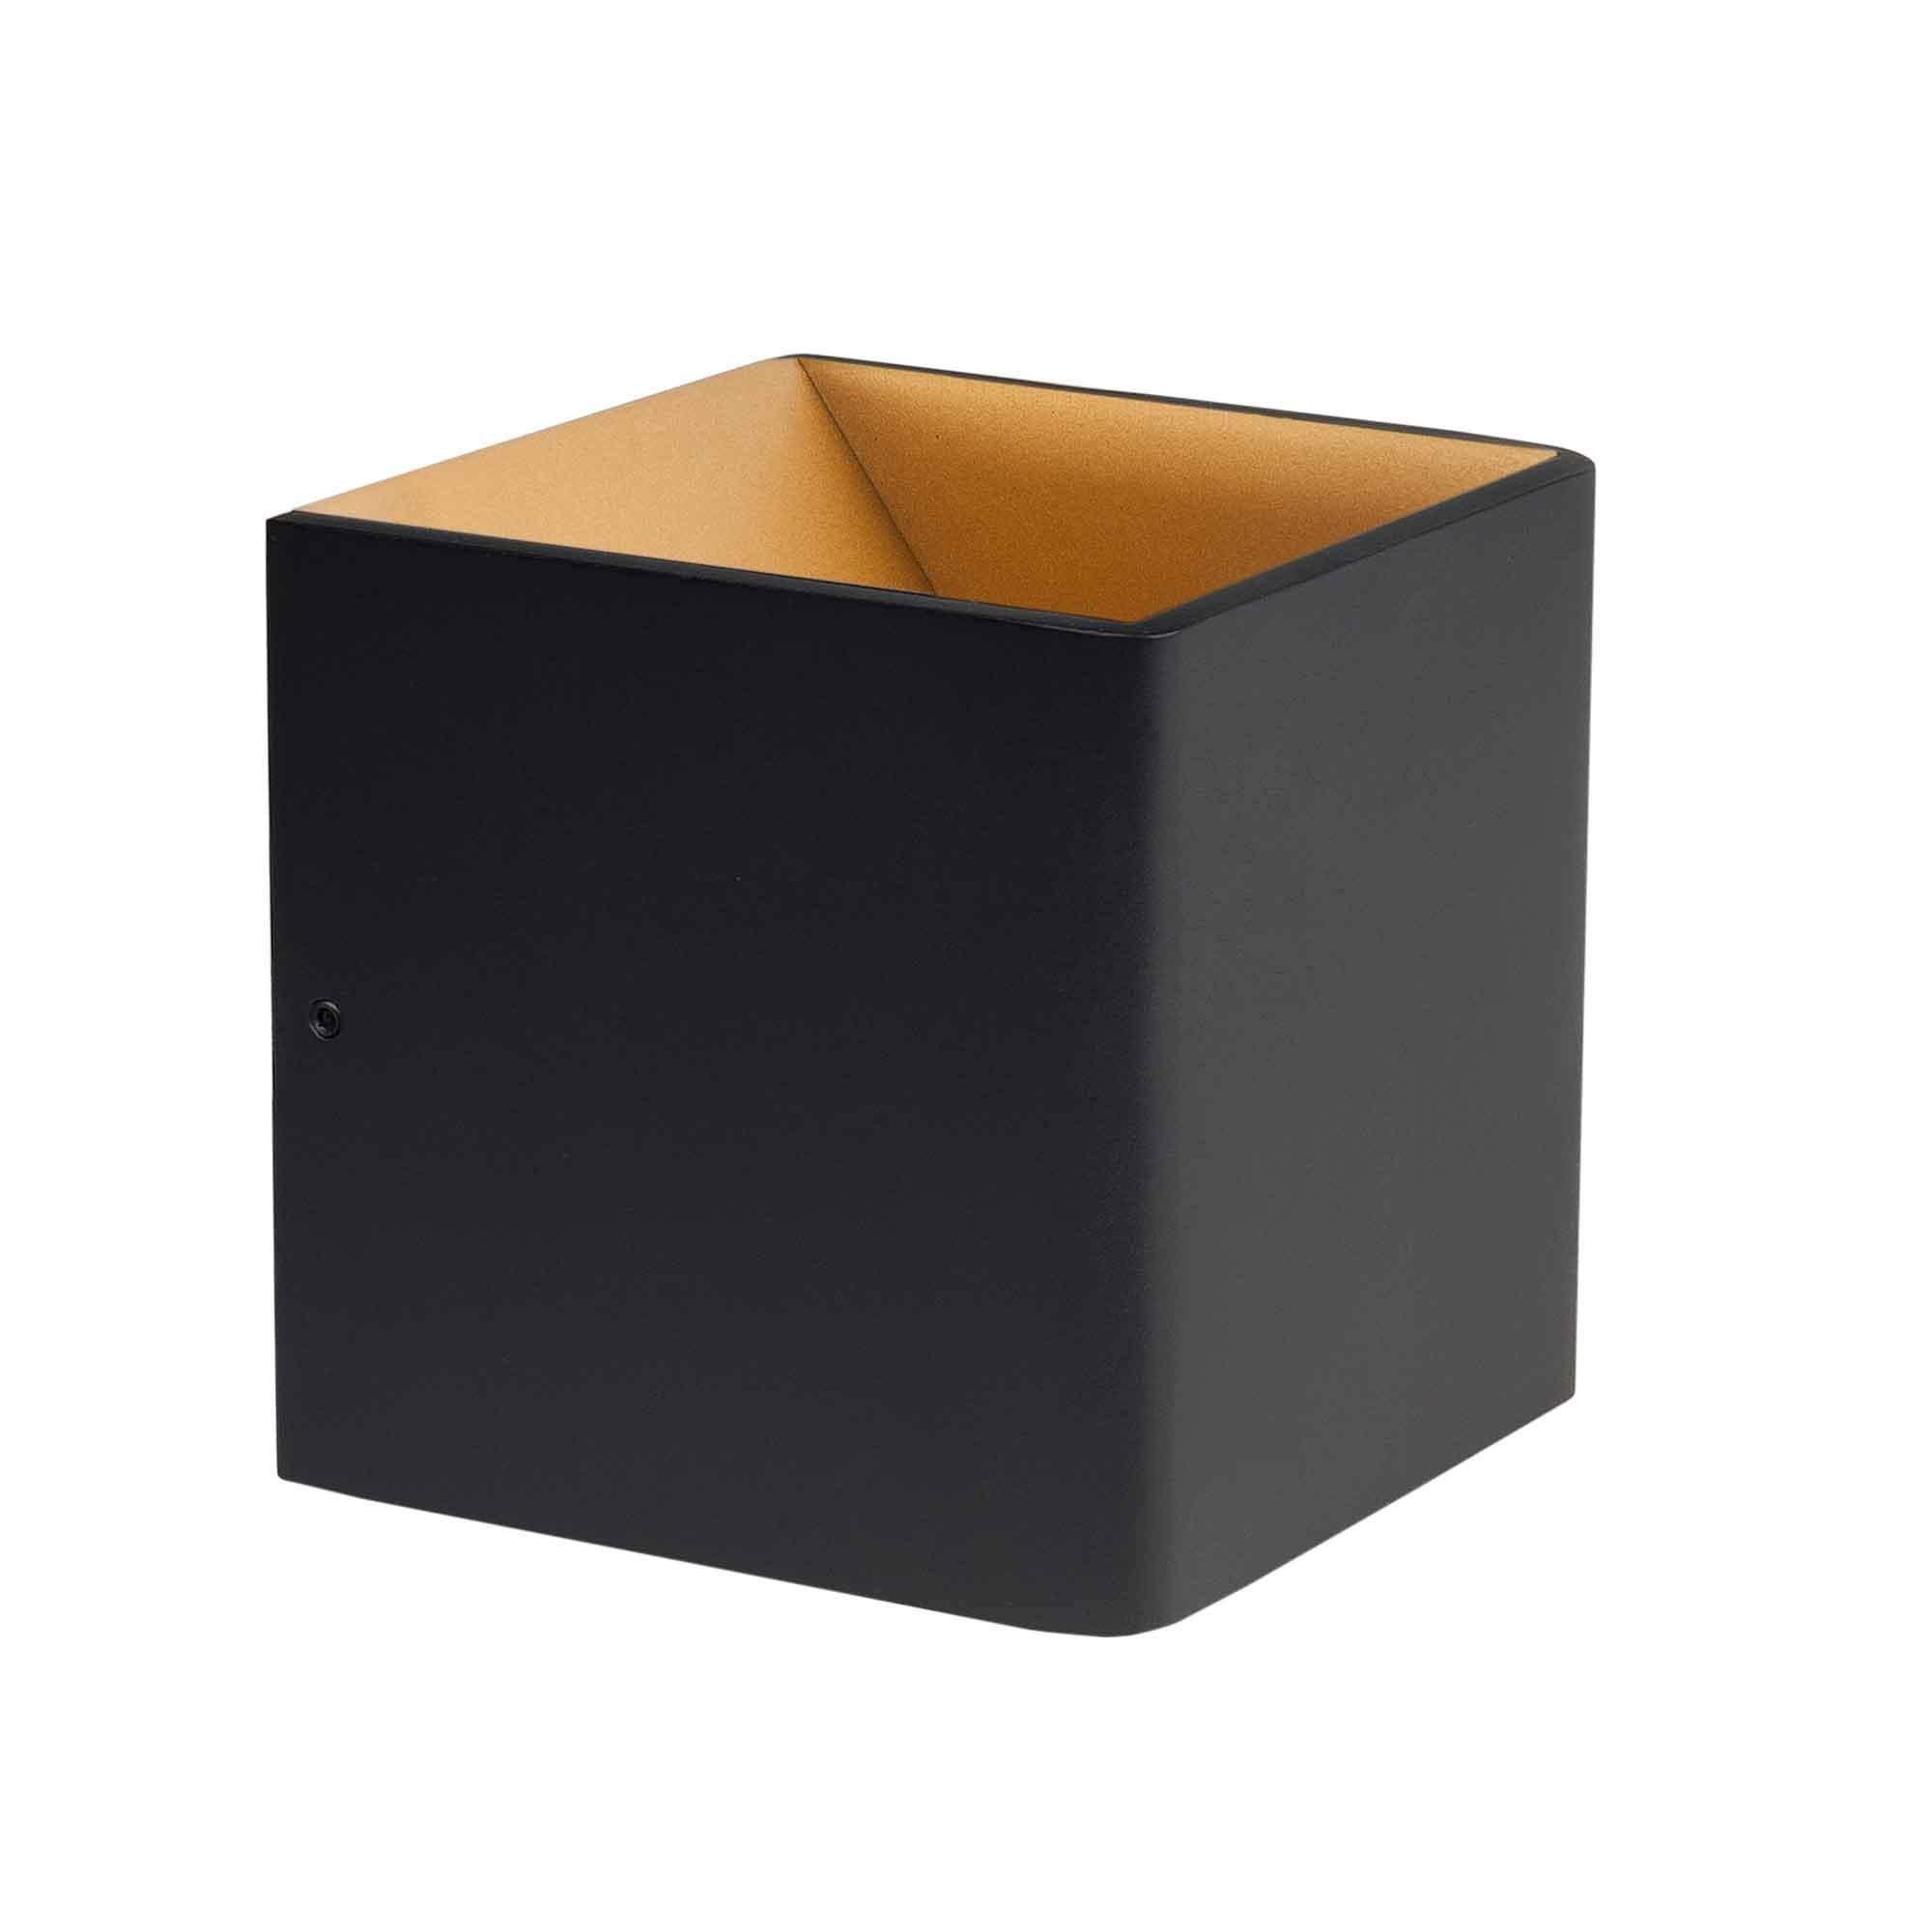 Highlight Wandlamp Stretto 6 Watt 10x10 cm zwart goud